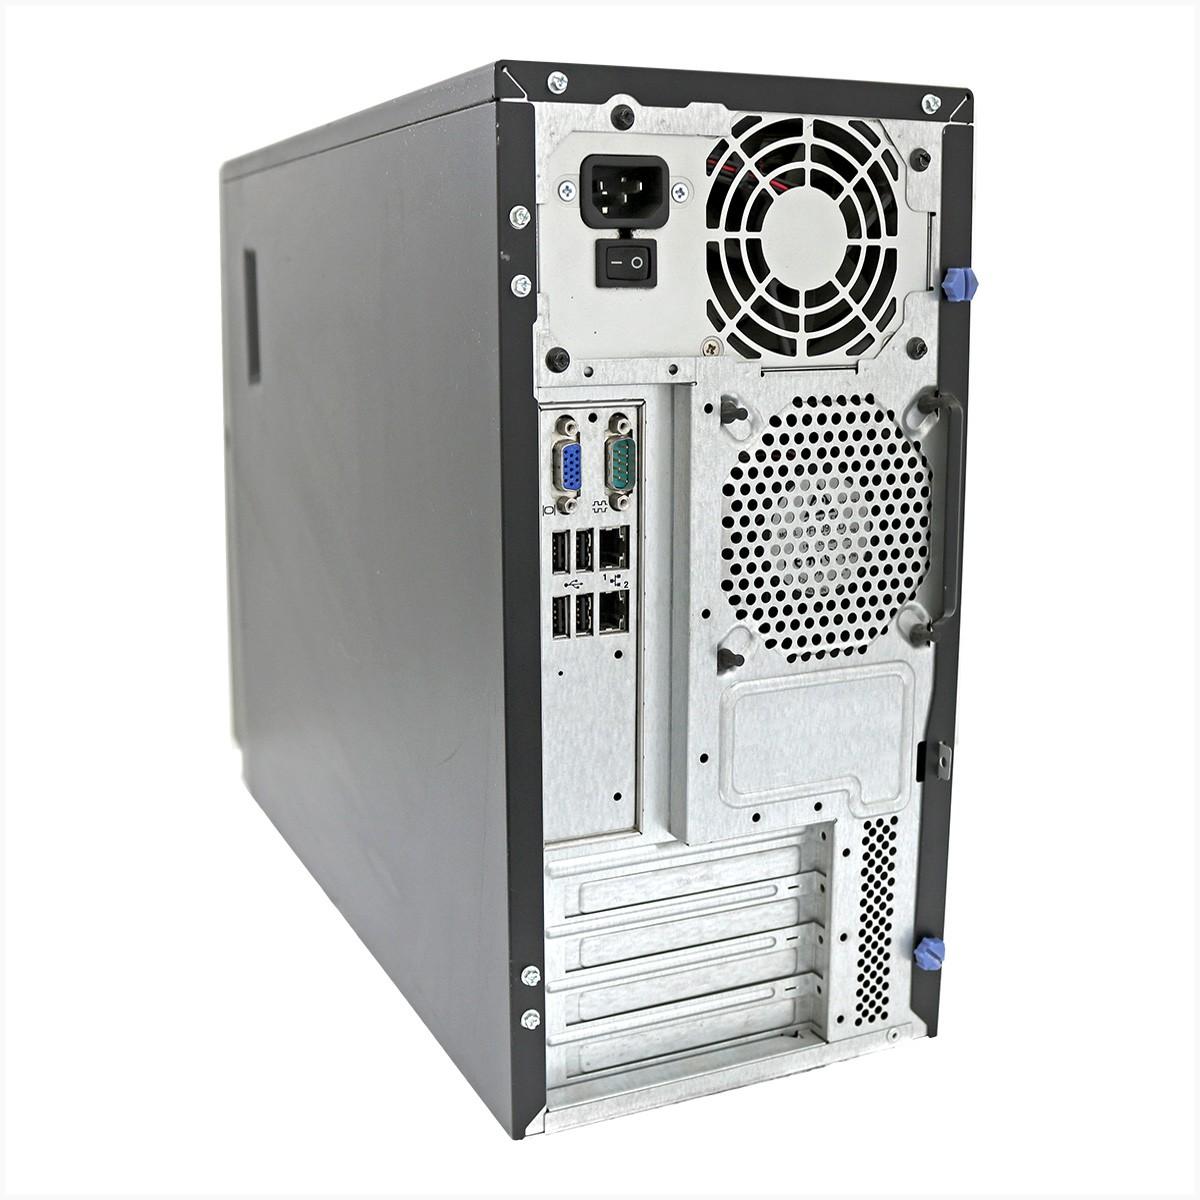 Servidor  ibm x3100 m4 xeon e3-1220 4gb 500gb - usado